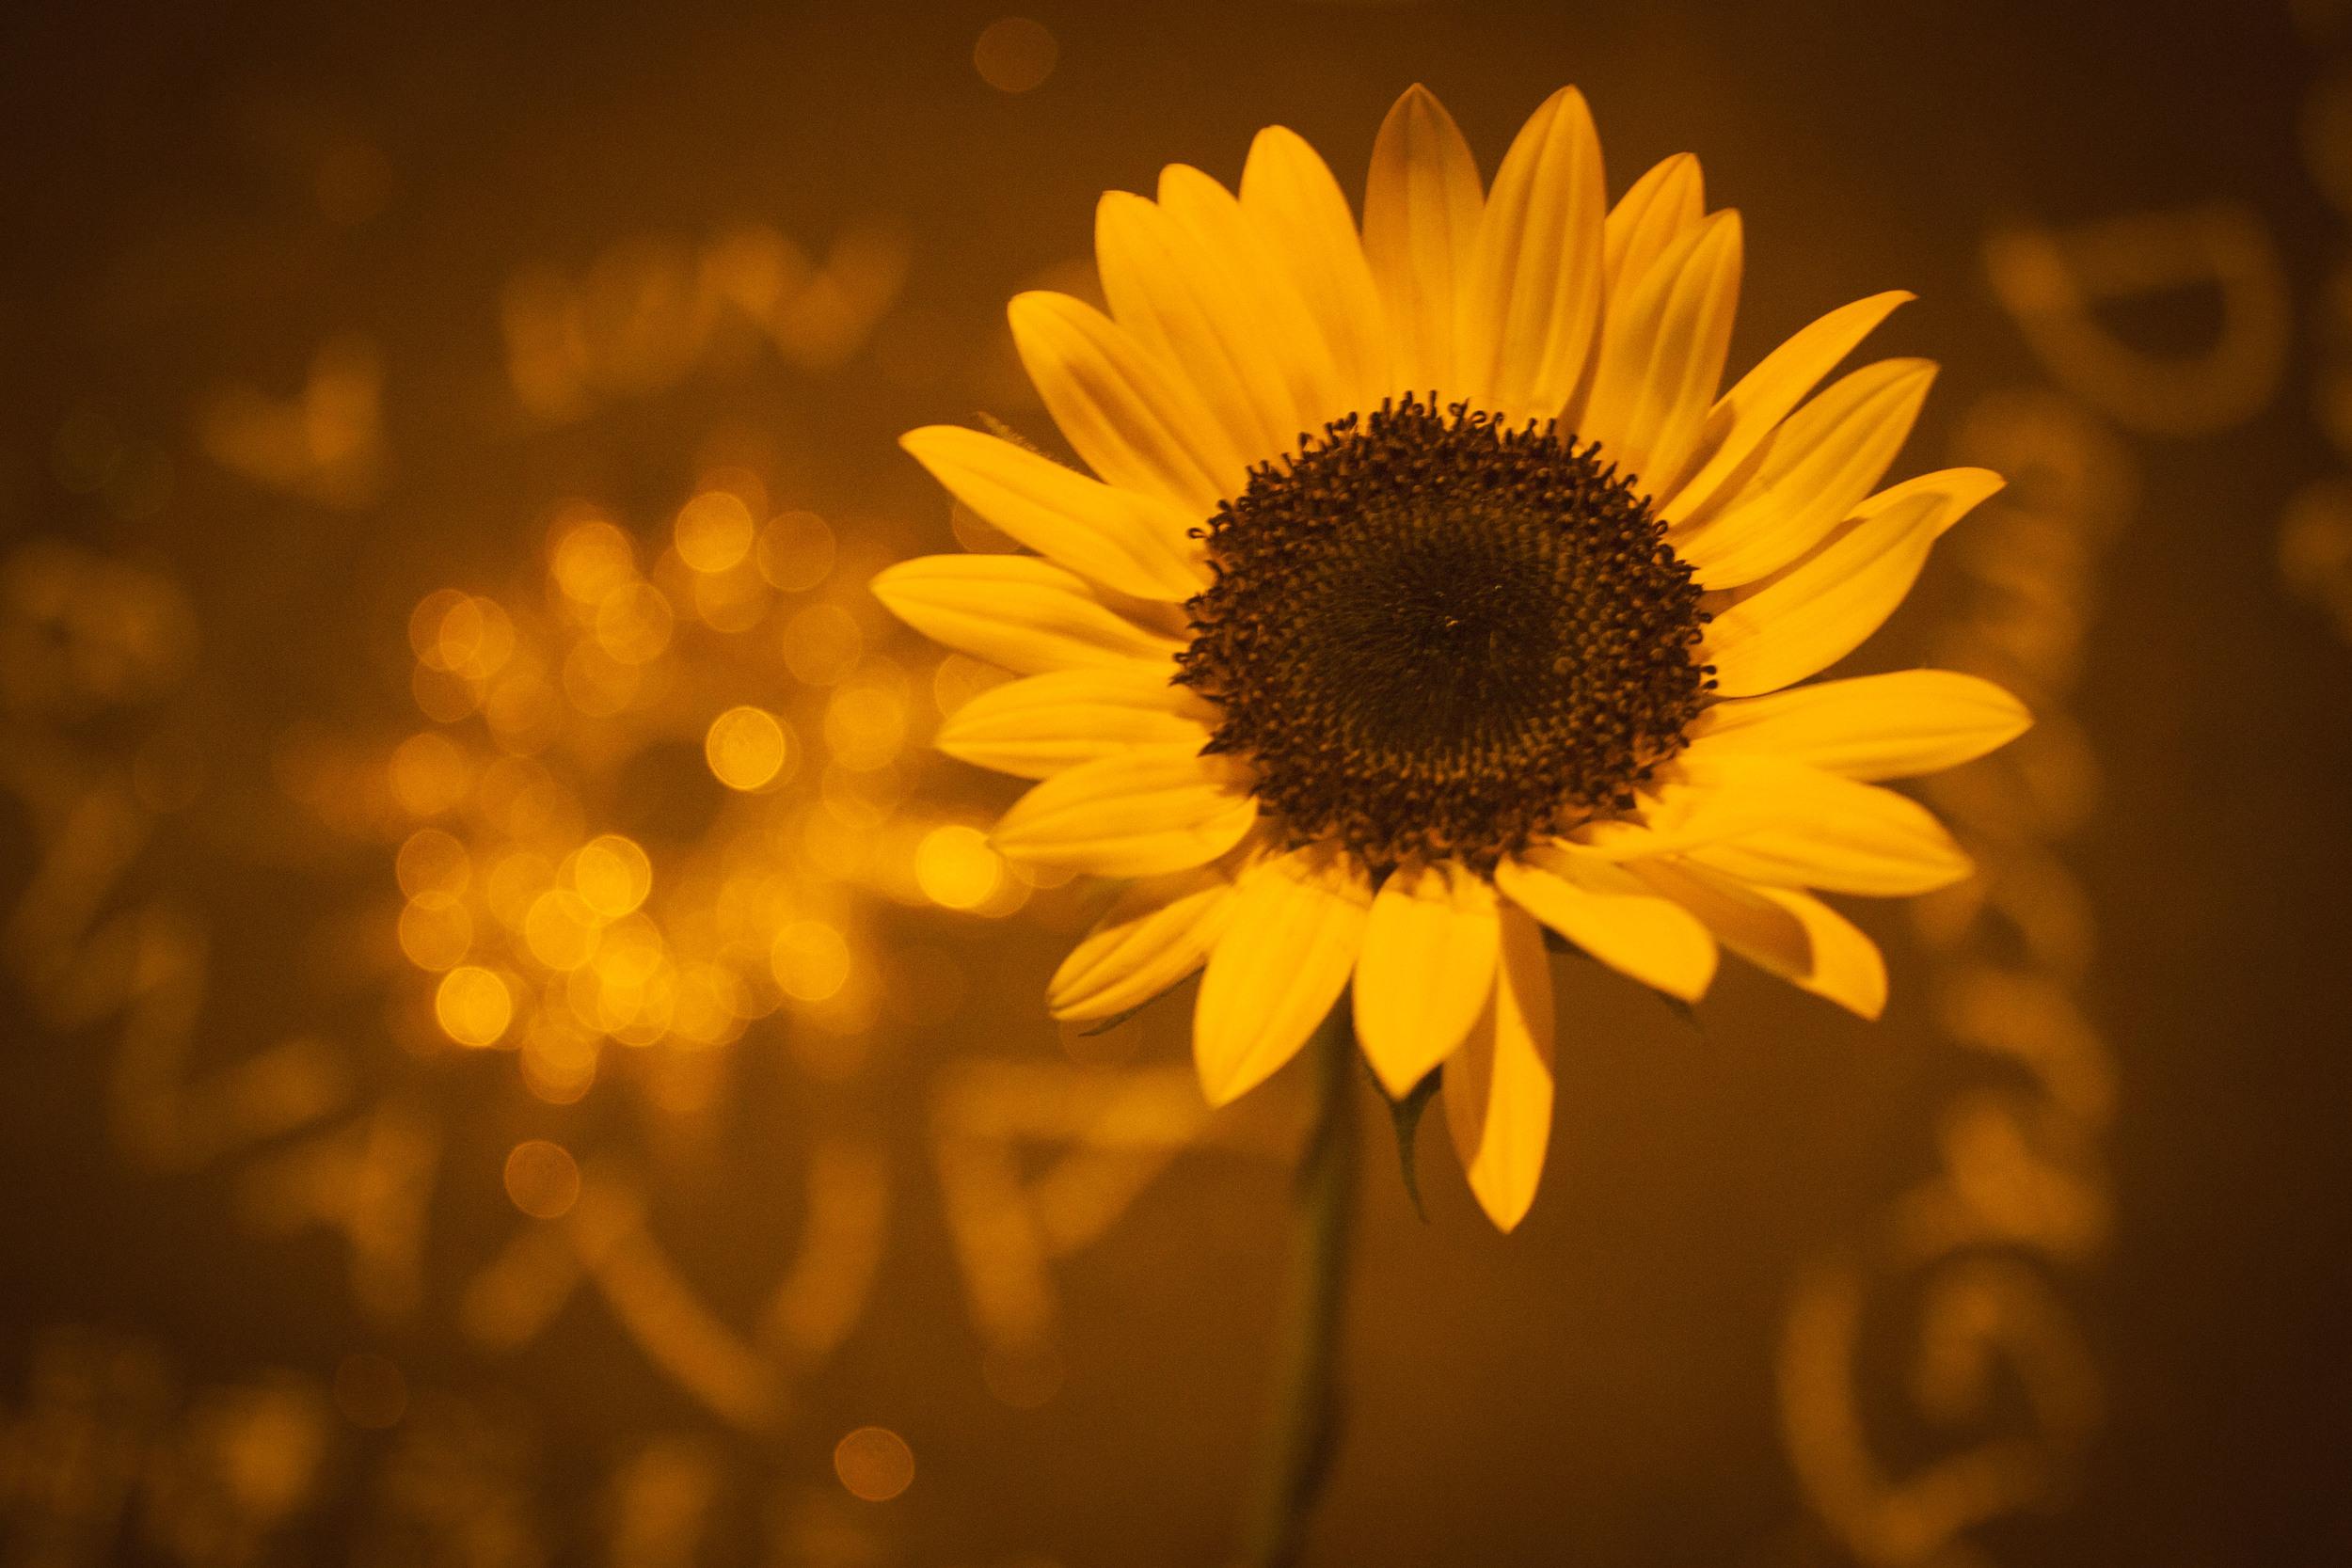 2014年4月5日凌晨4點鐘, 不論白天或夜晚,持續勇敢綻放的太陽花!